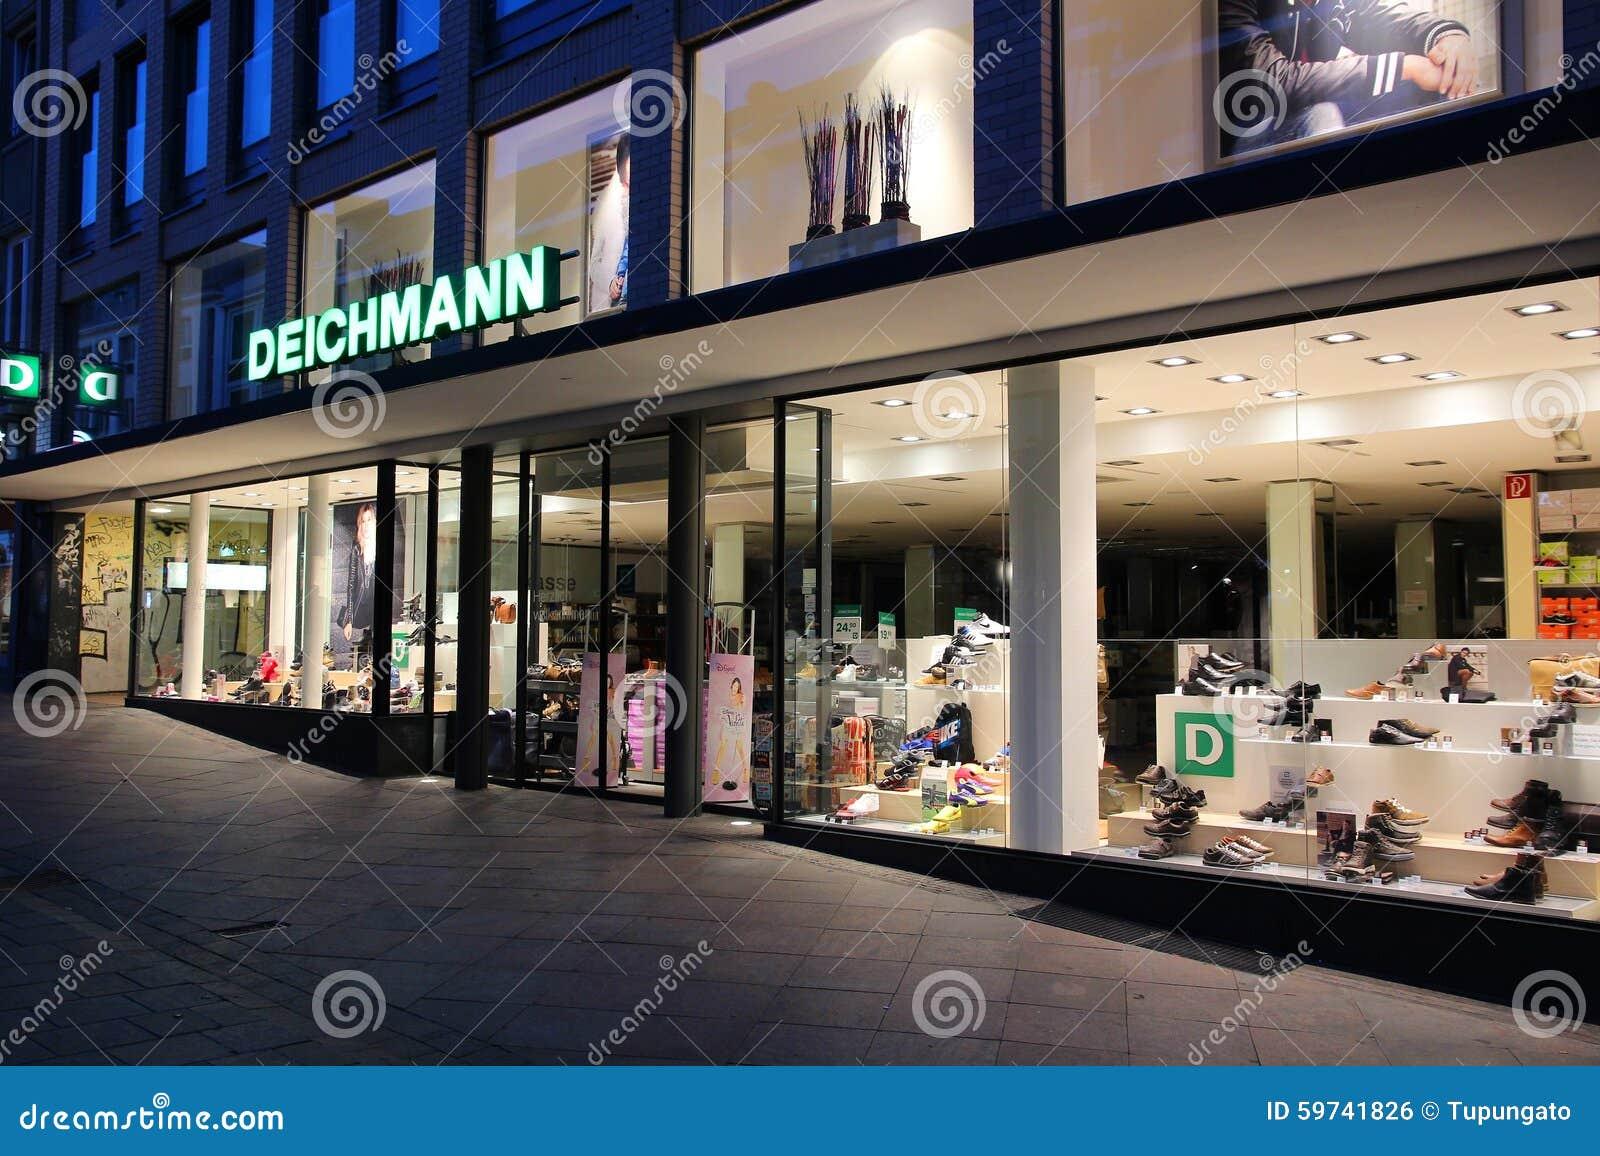 af1f9cda4d6 LUBECK TYSKLAND - AUGUSTI 29, 2014: Lager för Deichmann skodonmode i  Lubeck, Tyskland Deichmann har 3.600 skodiversehandel runt om världen